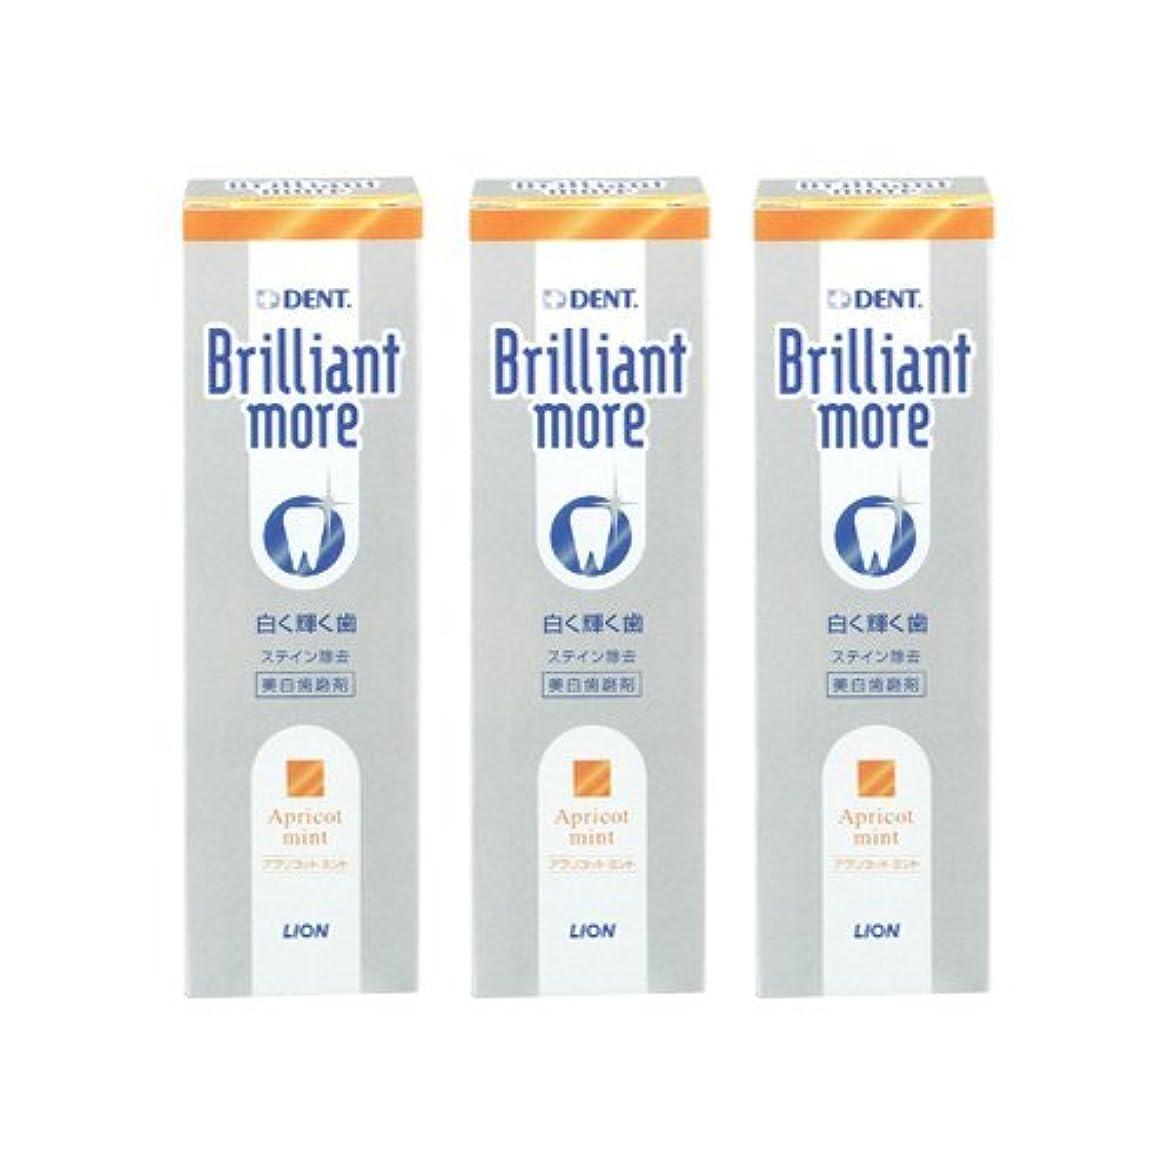 塗抹ストライク重要なライオン ブリリアントモア アプリコットミント 3本セット 美白歯磨剤 LION Brilliant more